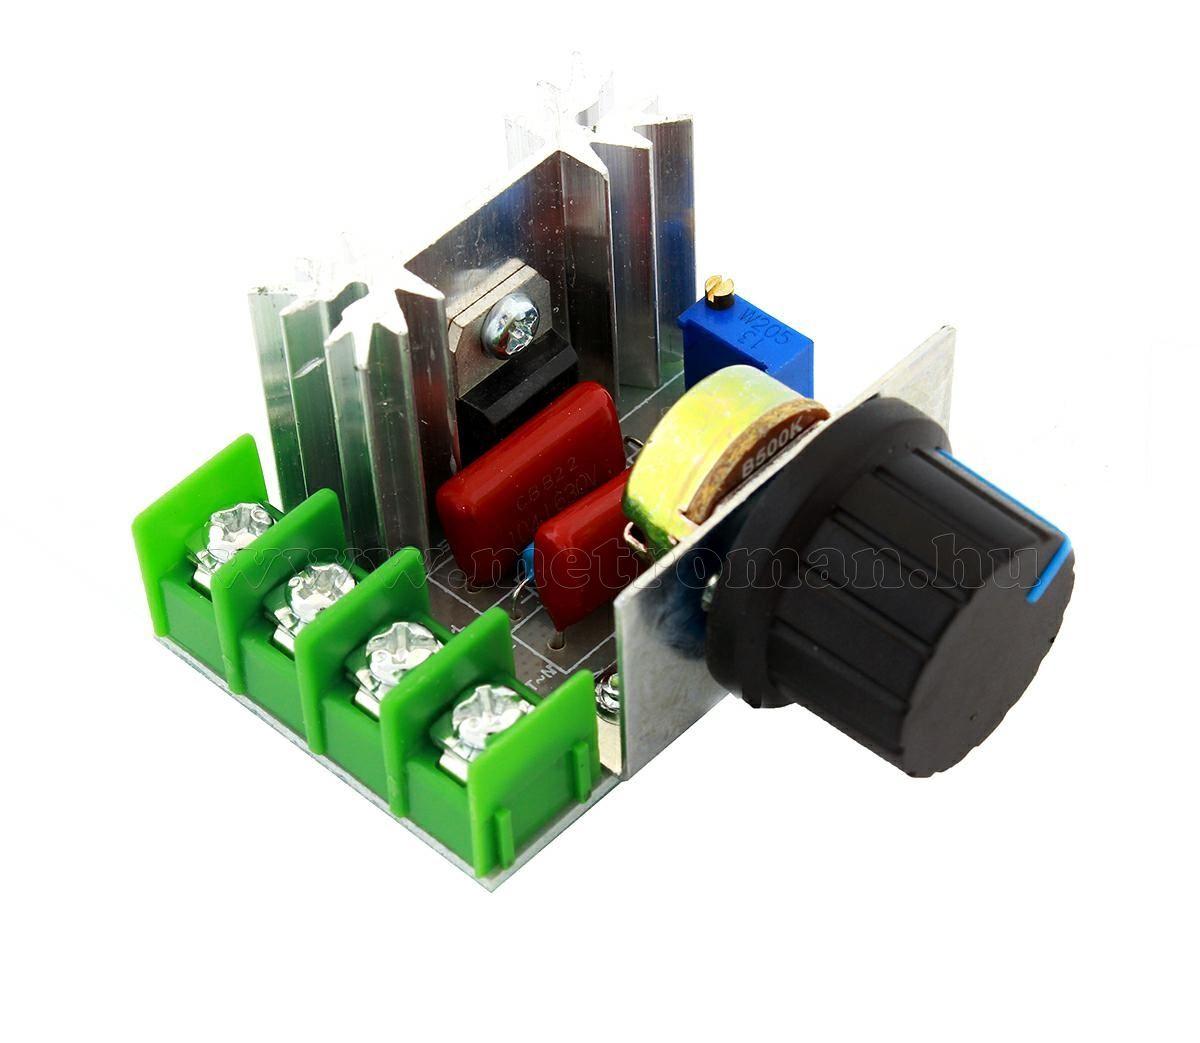 Teljesítményszabályzó, Fordulatszámszabályzó elektronika 230V 1500W MPC2000W